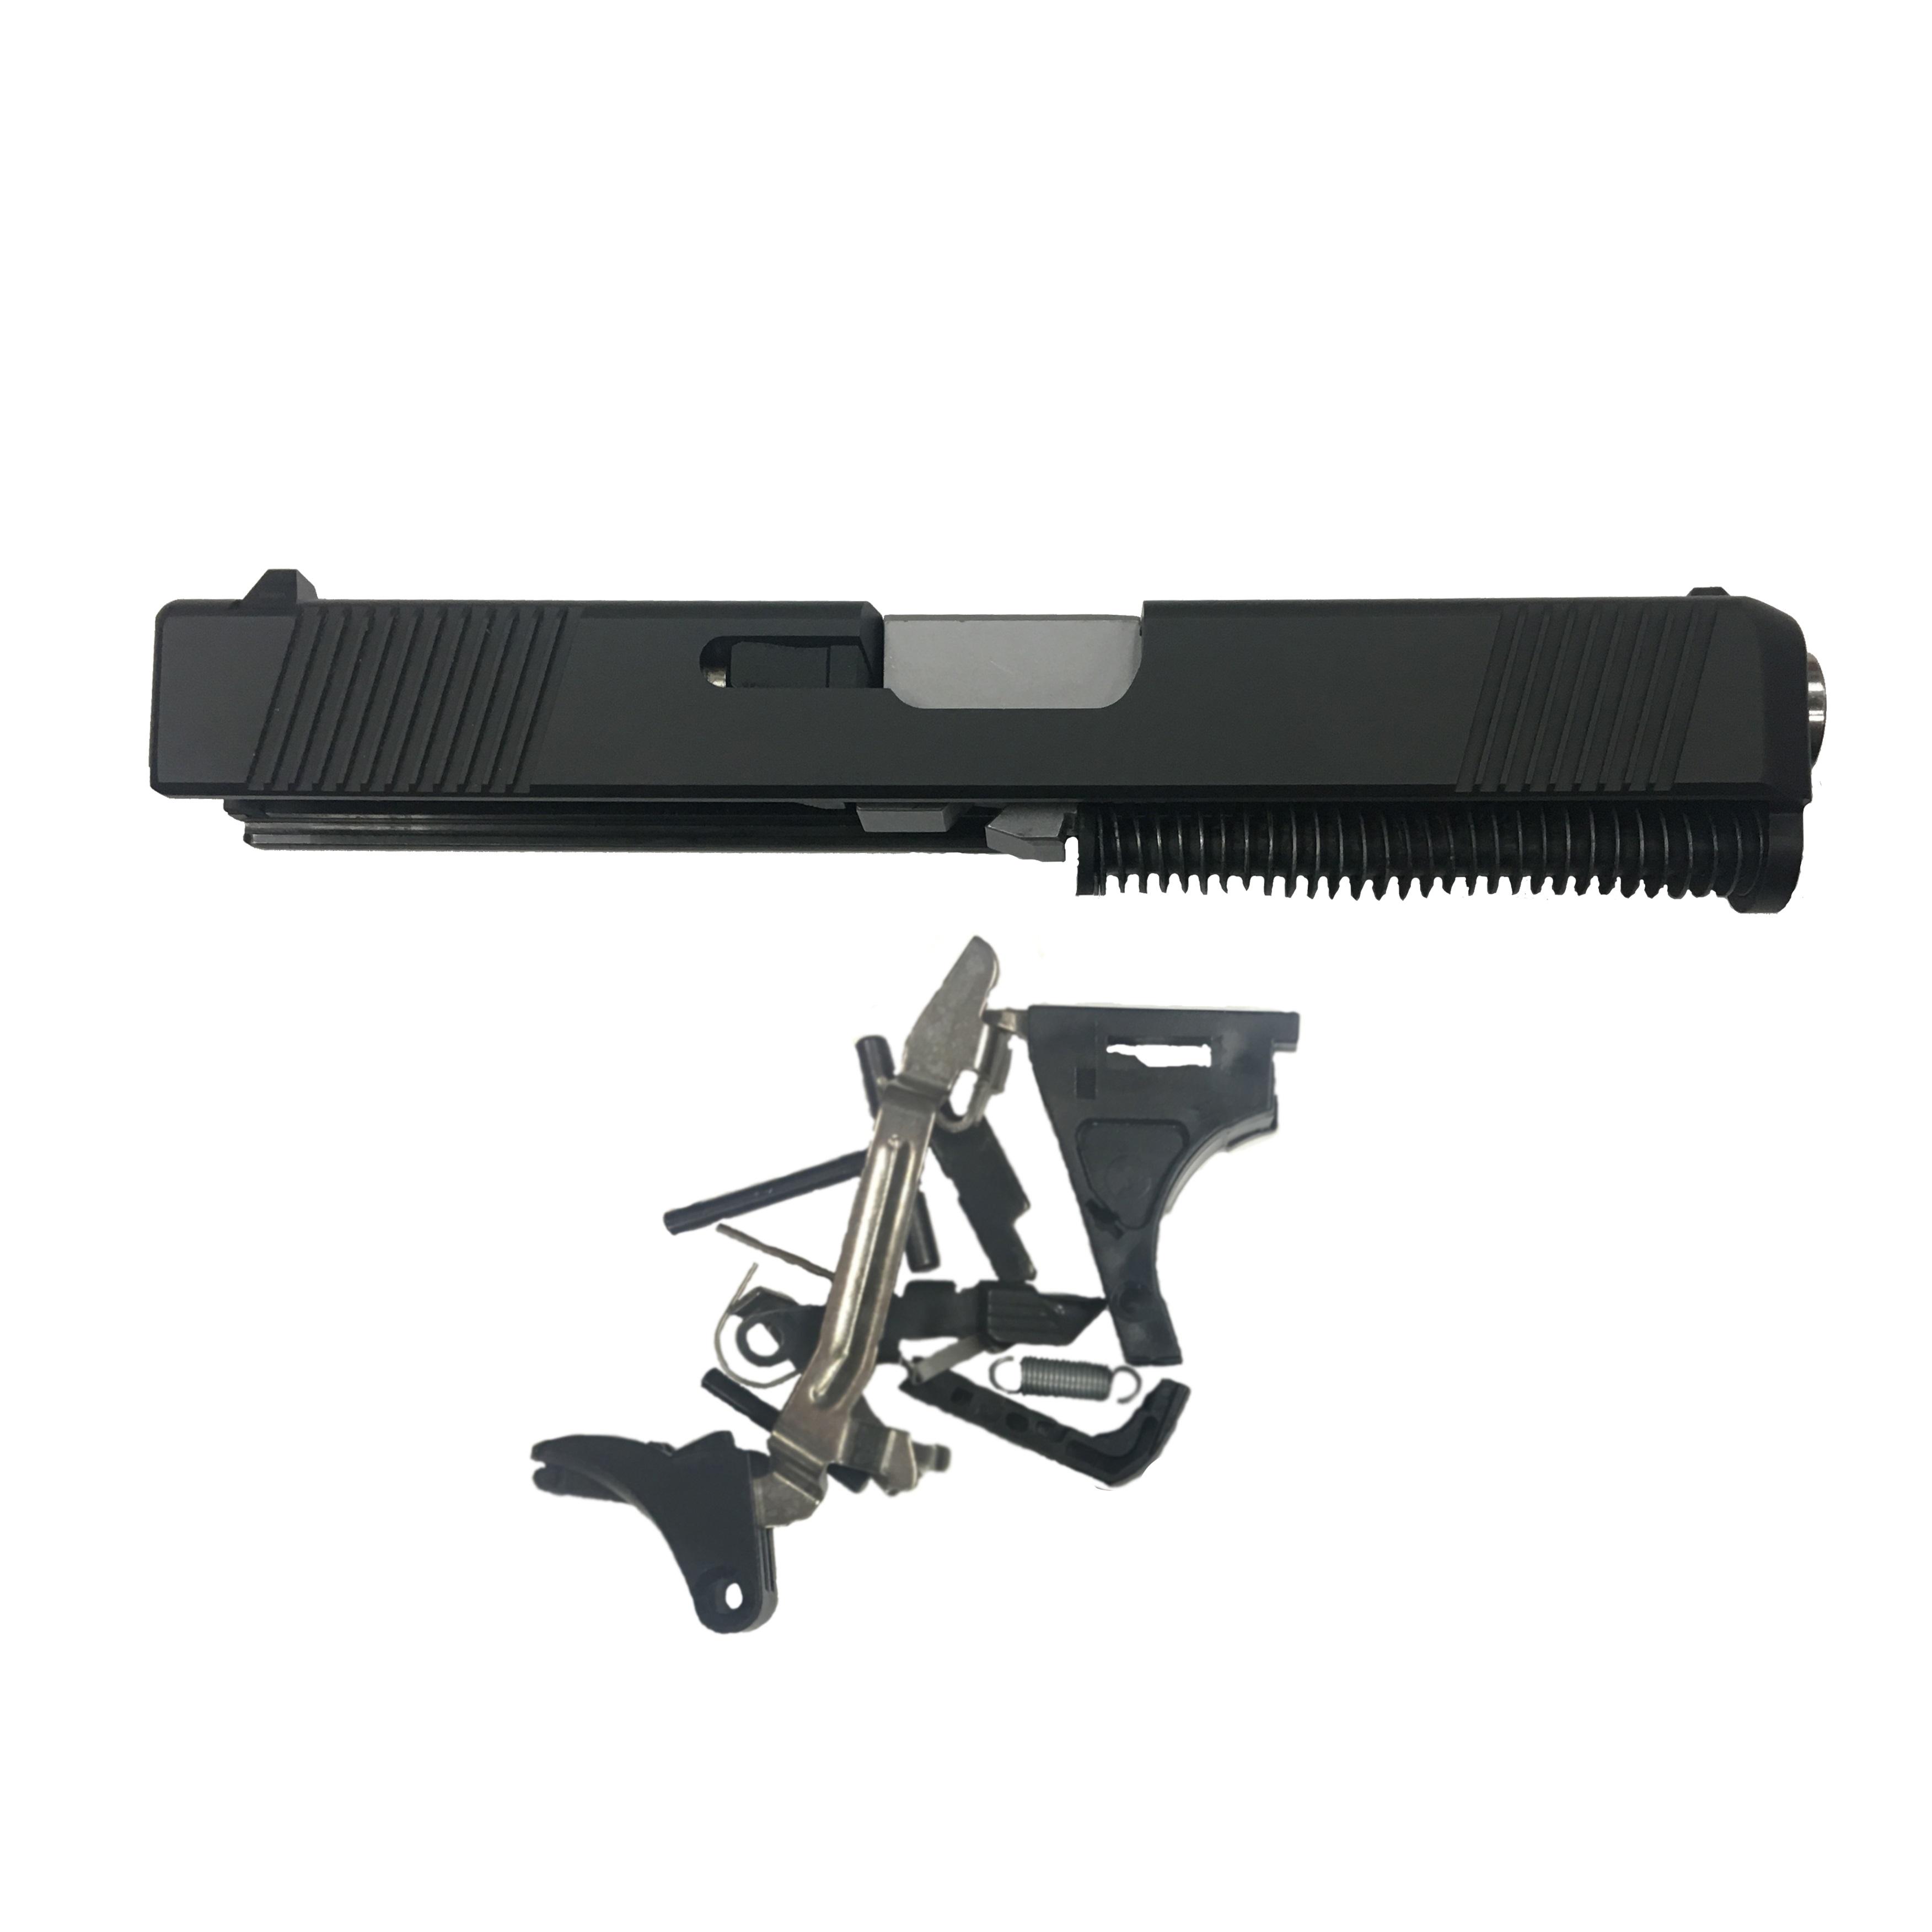 Pistol GLOCK 26 Gen-3 OEM 9-MM P80 Spectre PF940-SC Polymer Lower